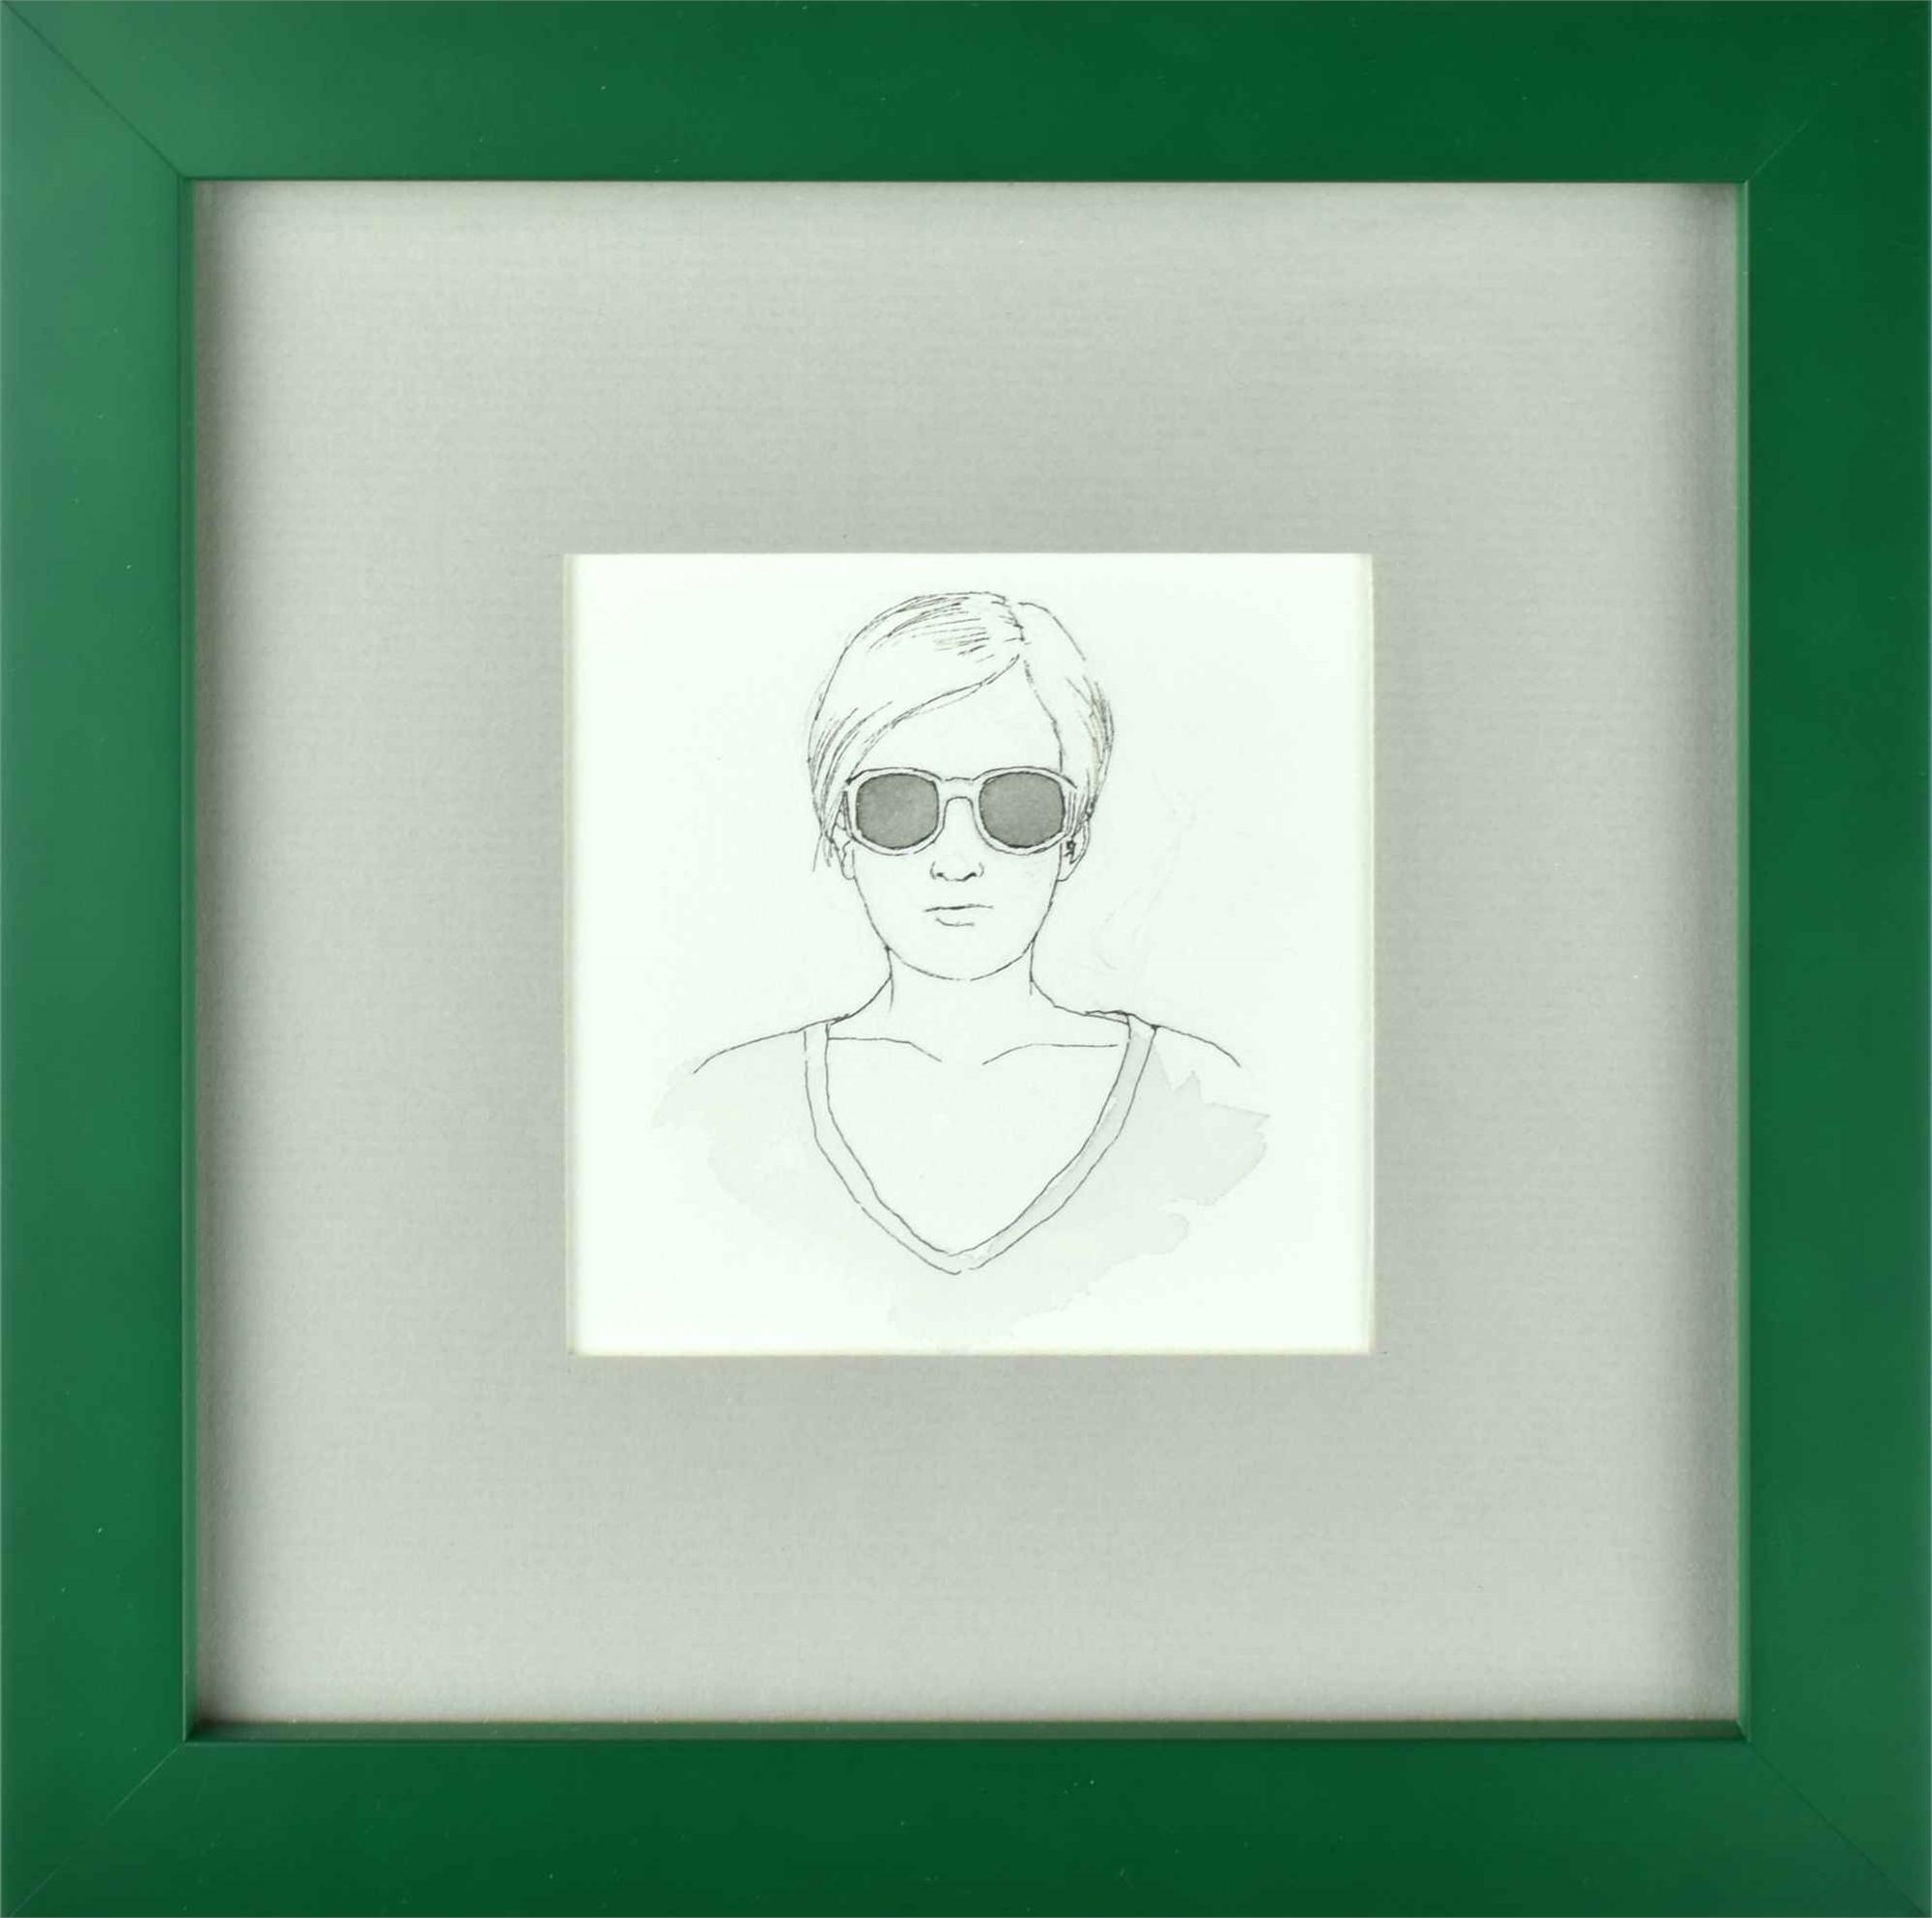 Sunglasses 5 by Jill Hakala